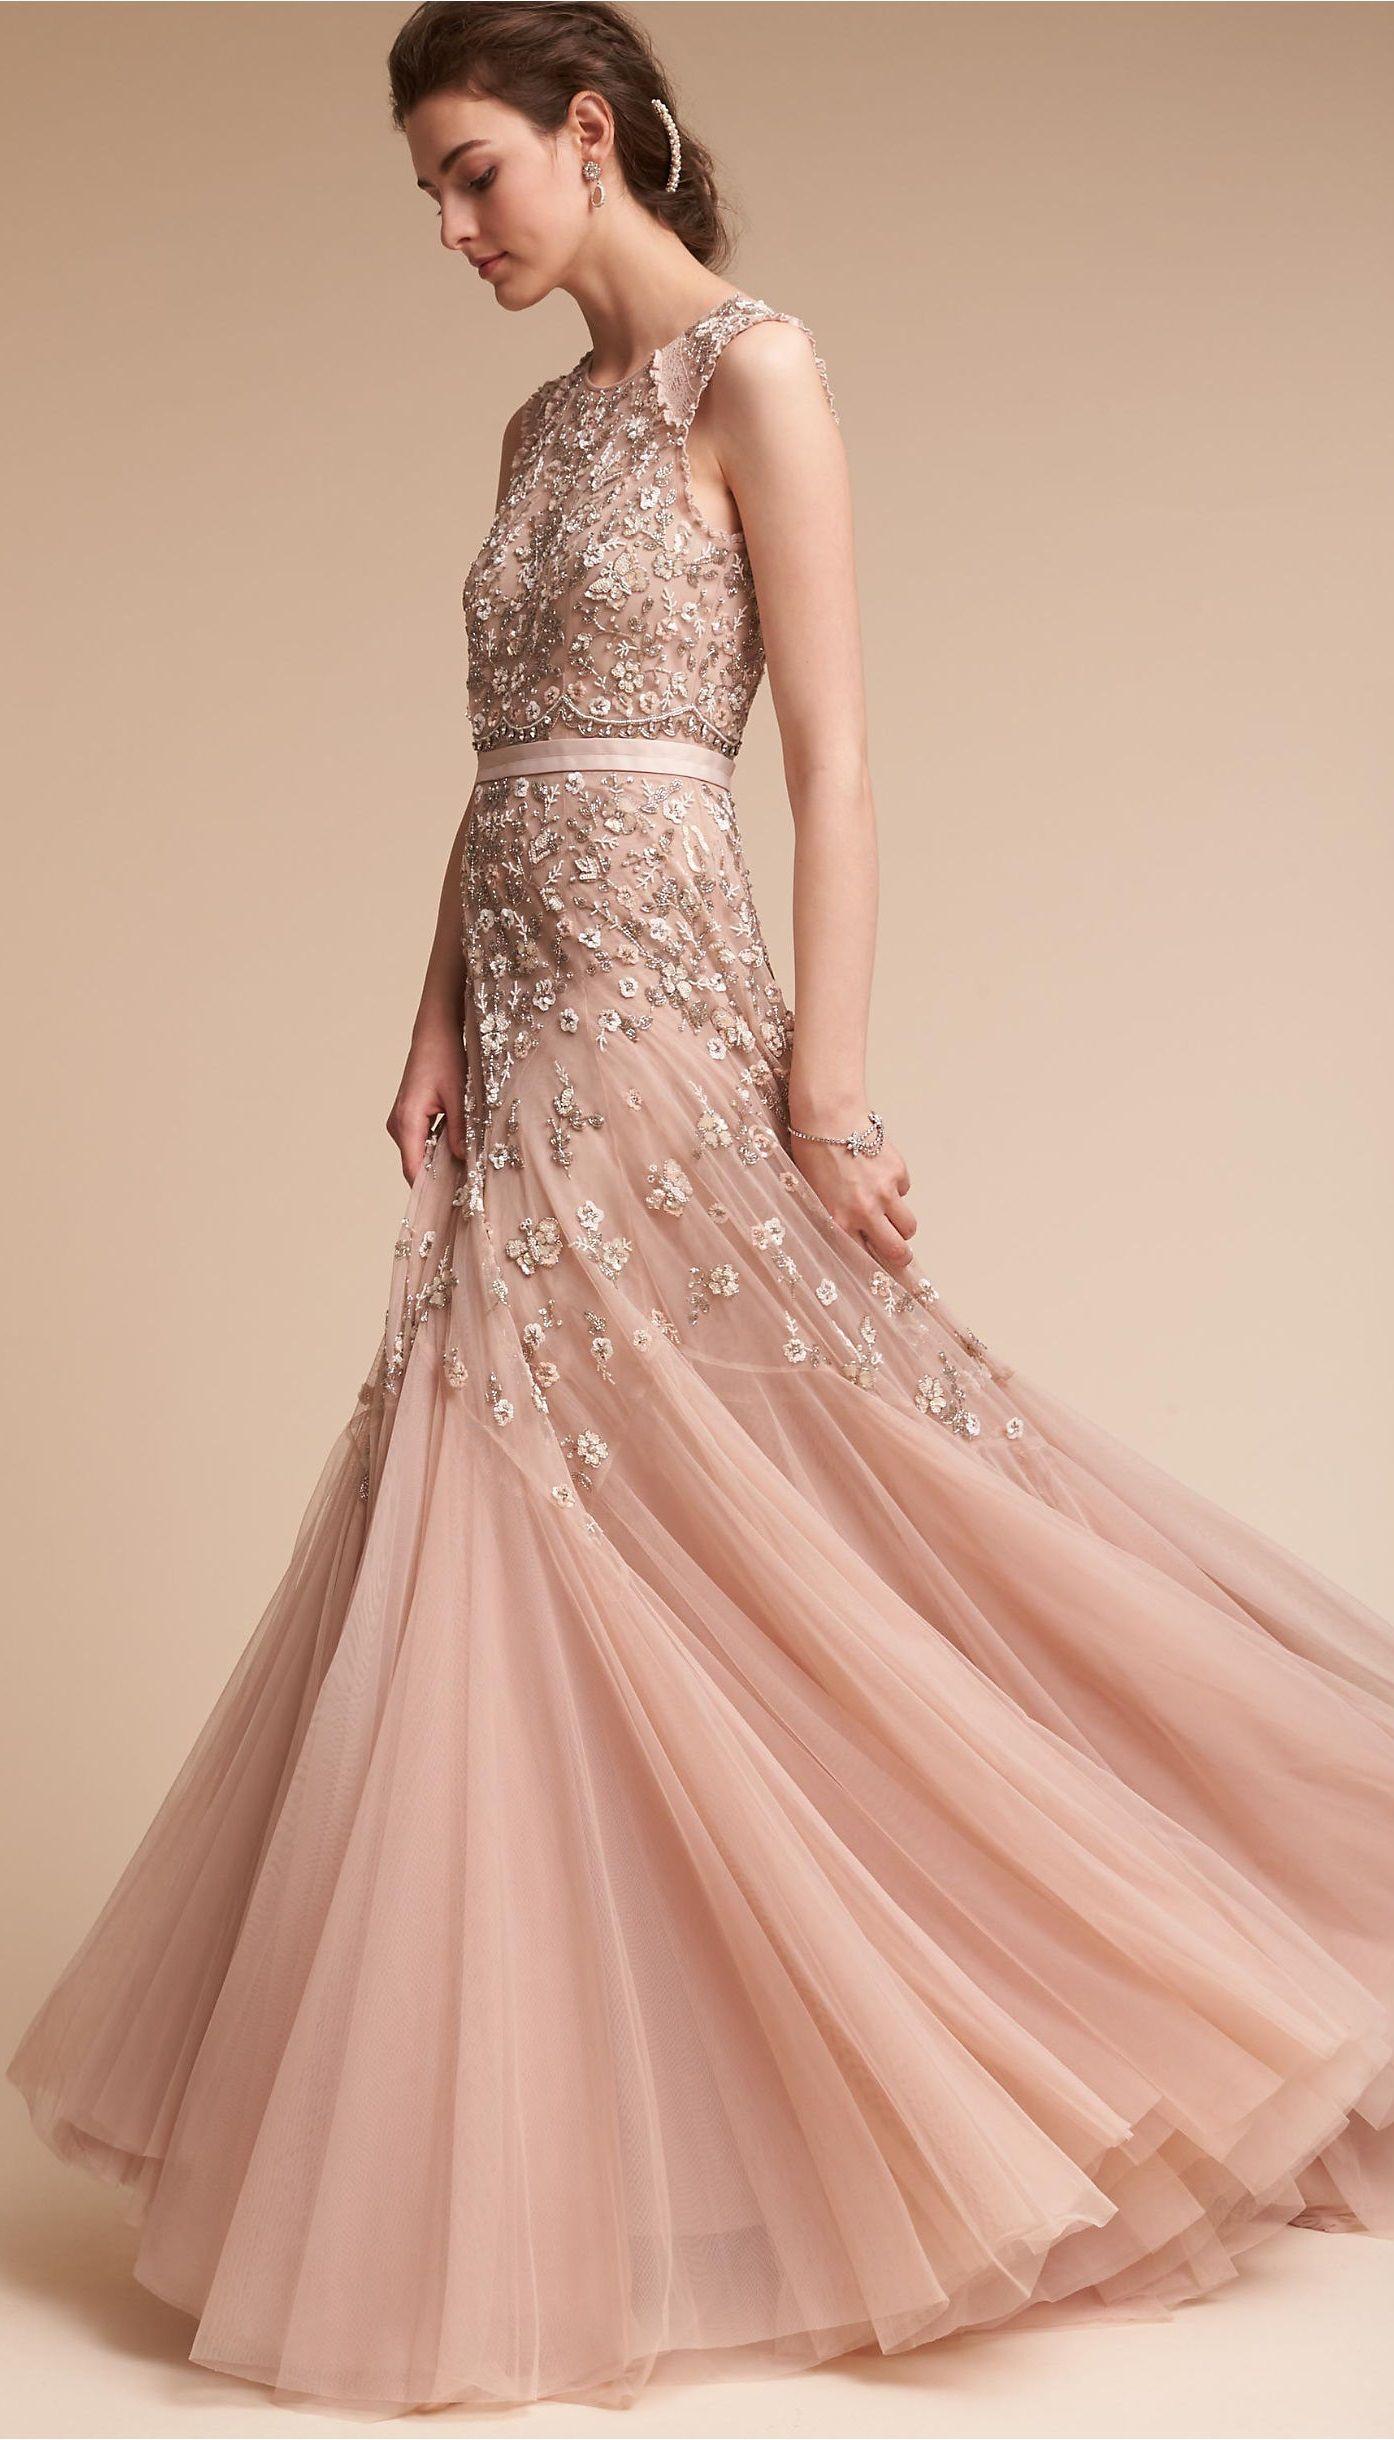 2de4b3c1e29a4 Dusky Pink Wedding Dress || Spring Wedding Dress || Colored Wedding Dress